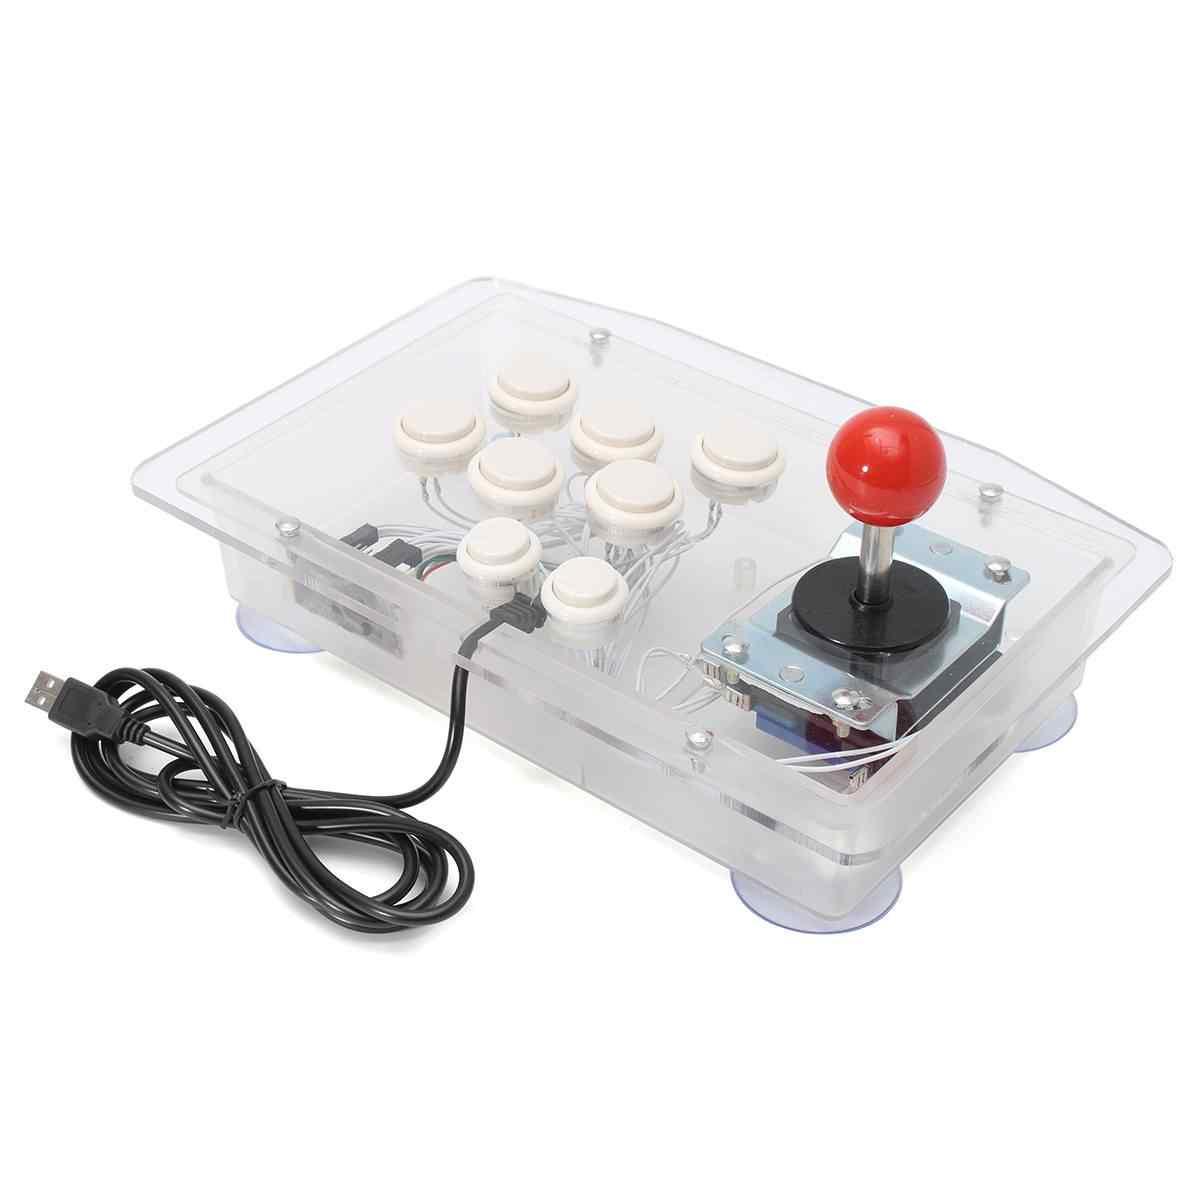 Jogo de computador joystick com cores transparentes e conector usb para windows win7 win8 win10 jogos de arcada, plug & play